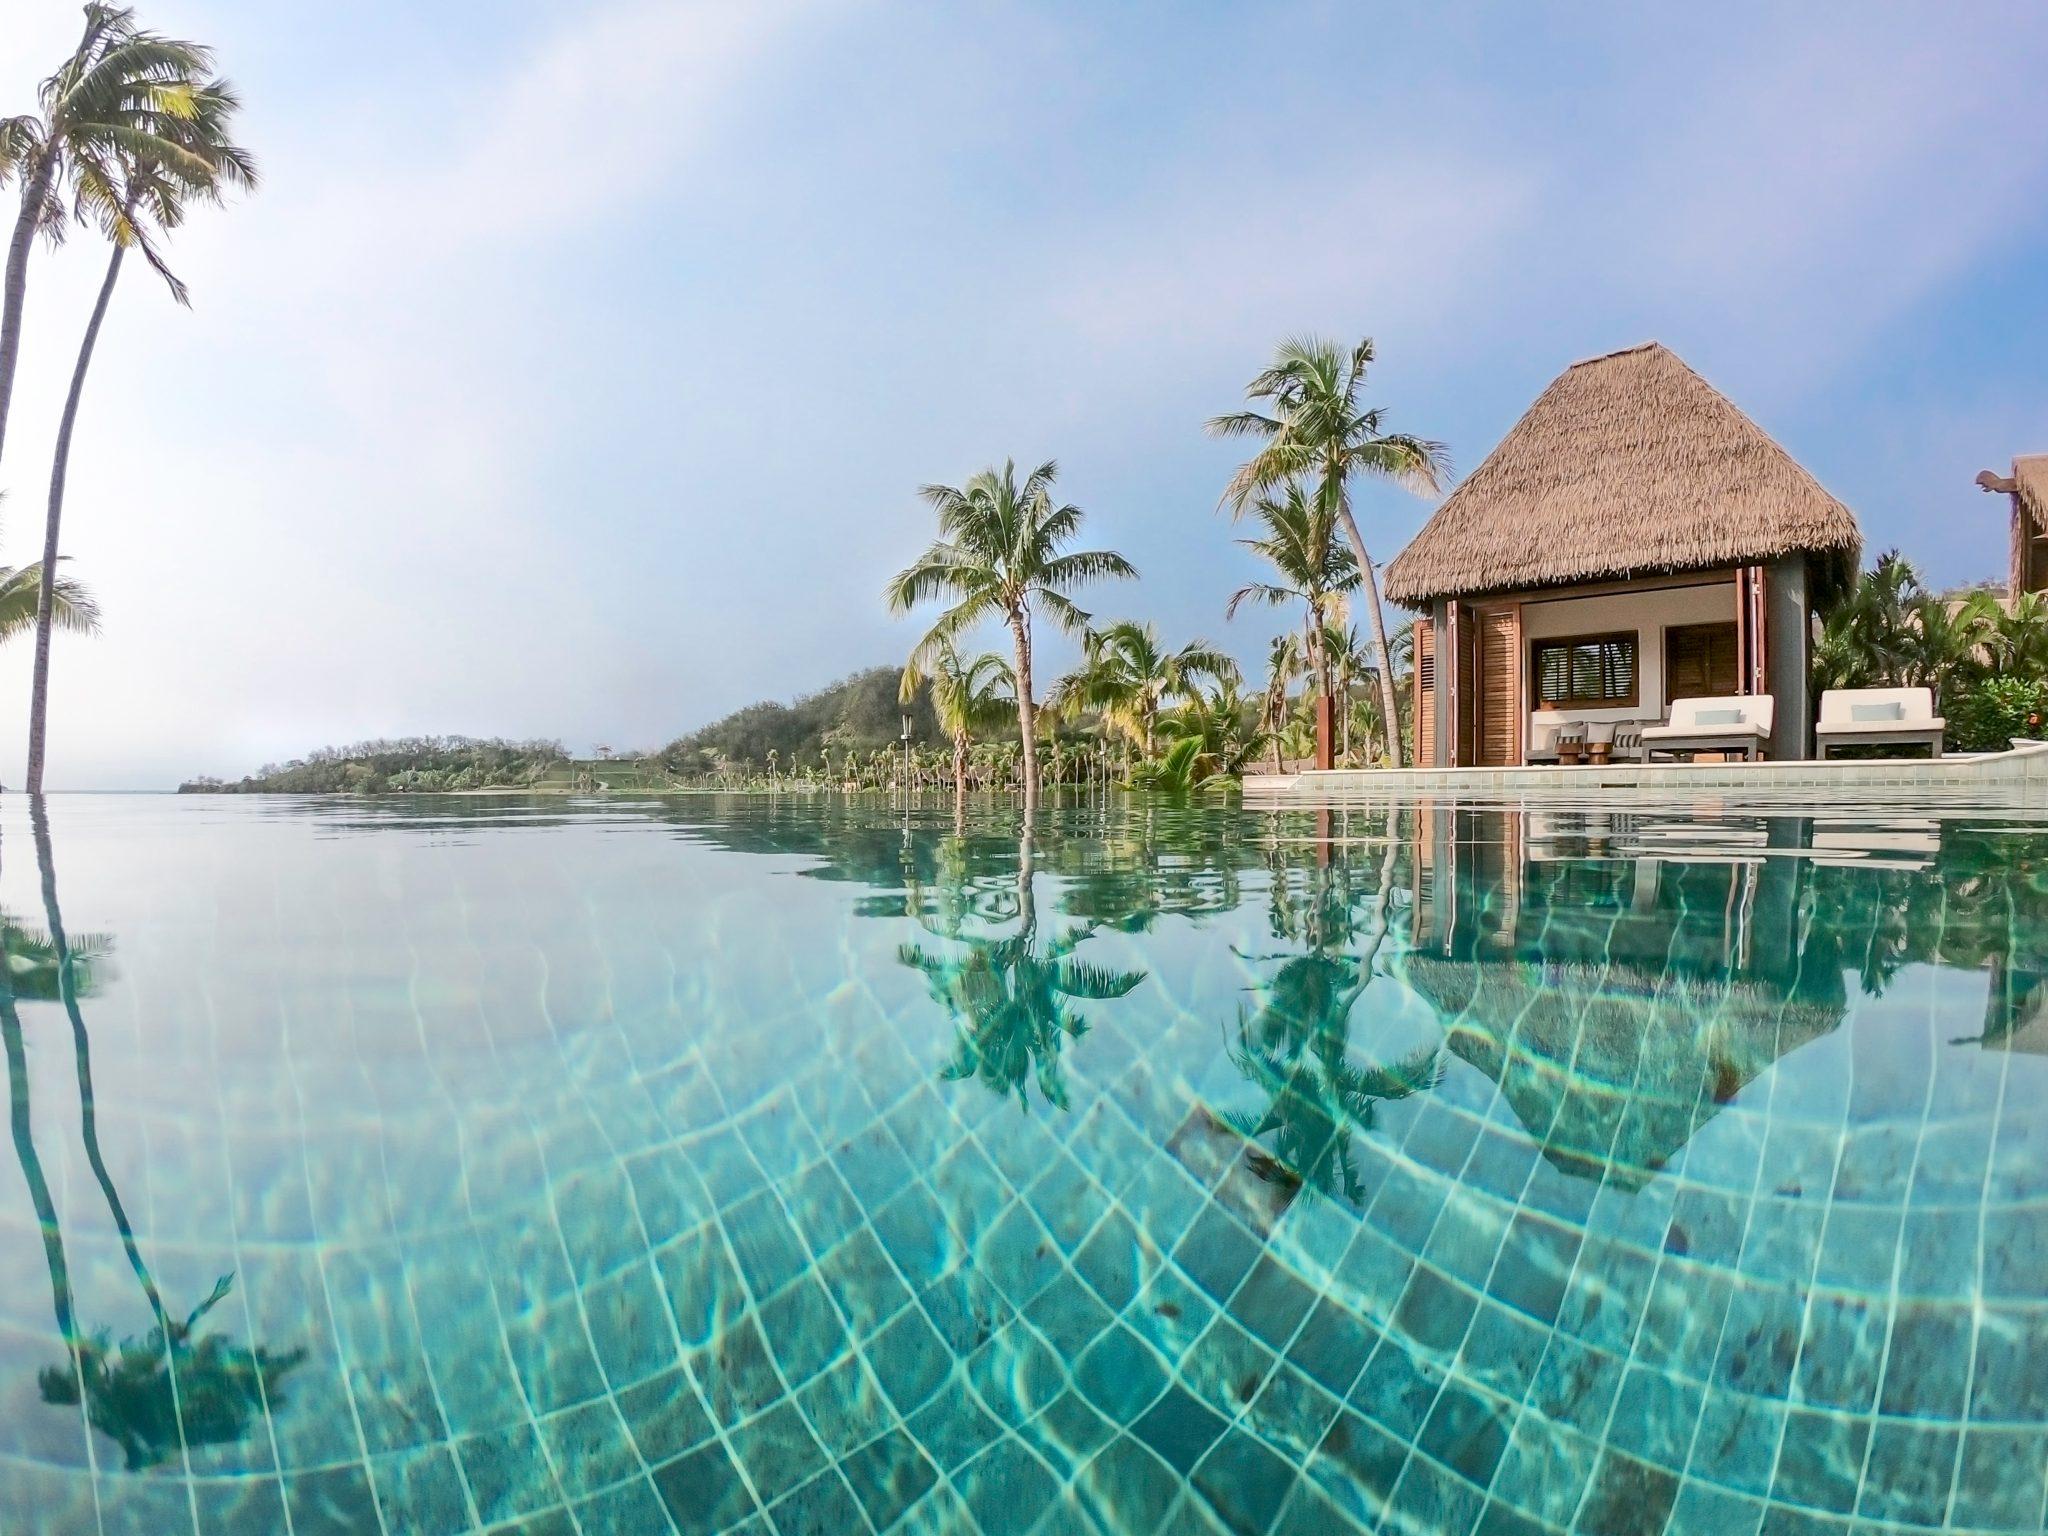 Six-Senses-Fiji-Residence-Pool-and-Pool-House